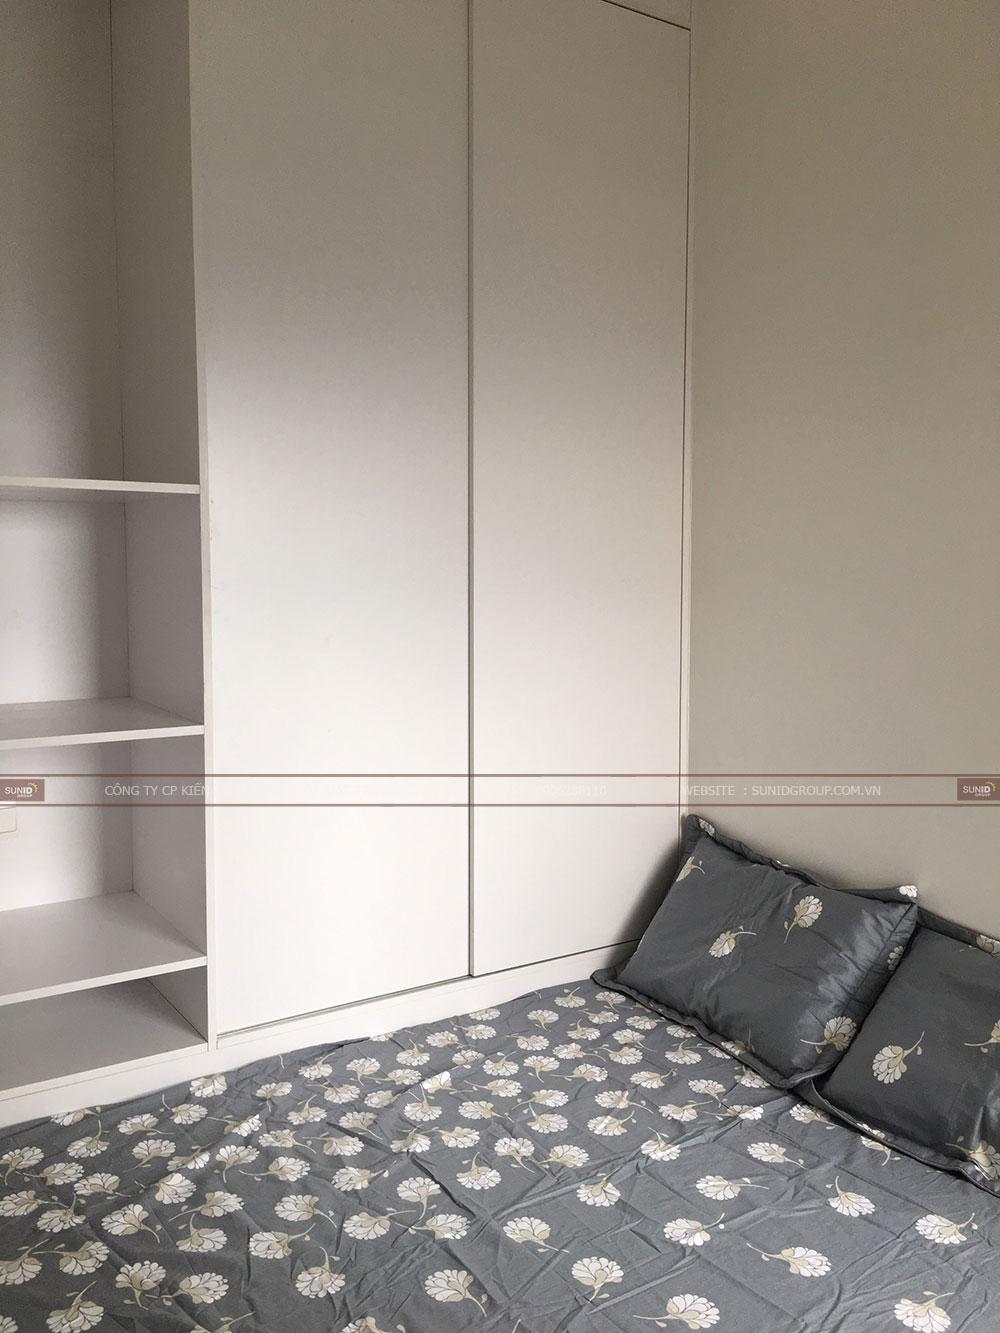 Phòng ngủ phụ diện tích khá khiêm tốn nhưng đầy đủ tiện nghi với giường ngủ và kệ tủ quần áo